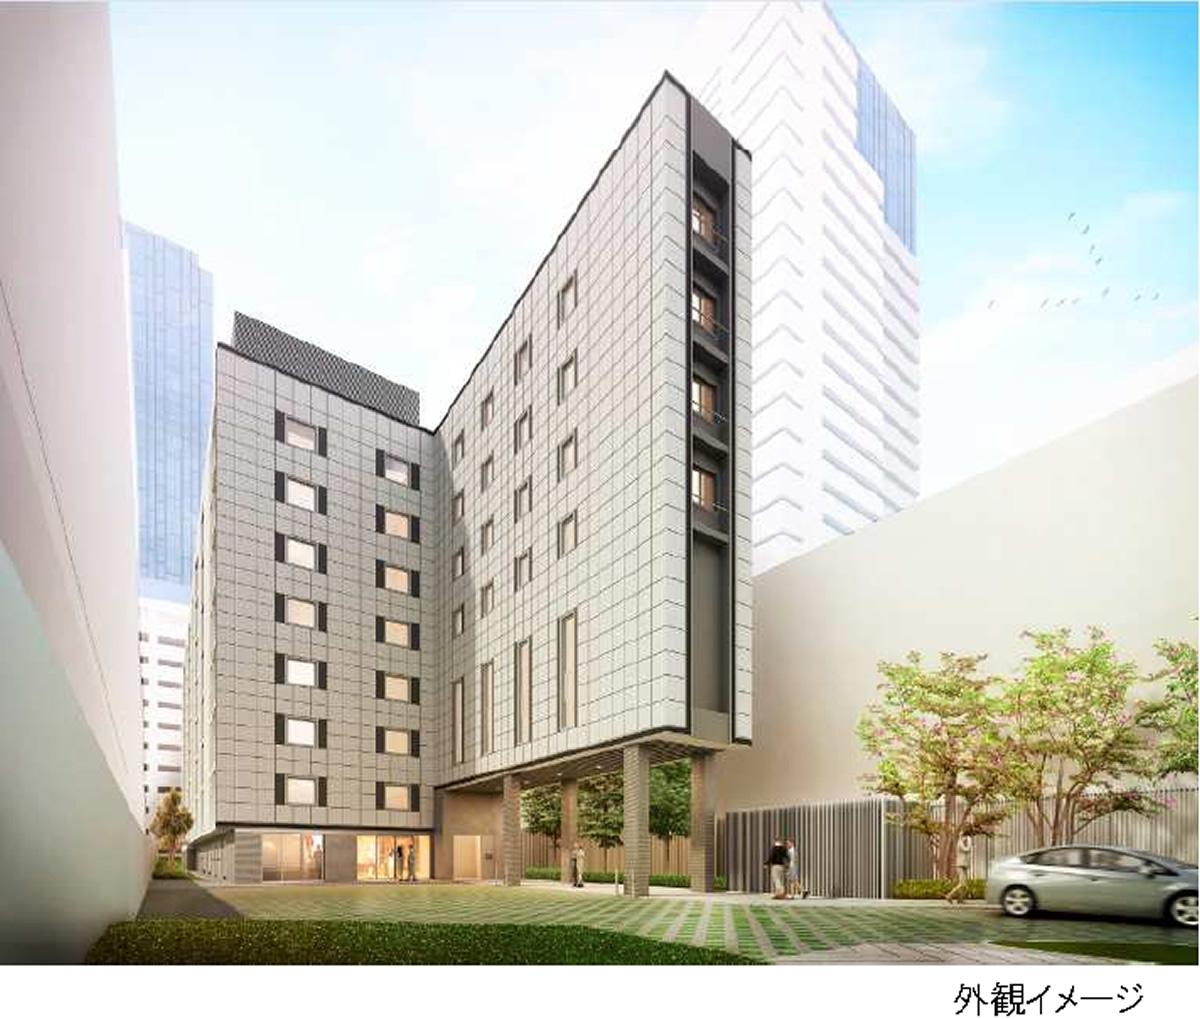 西鉄、2023年夏にバンコク・シーロムでホテルを開業